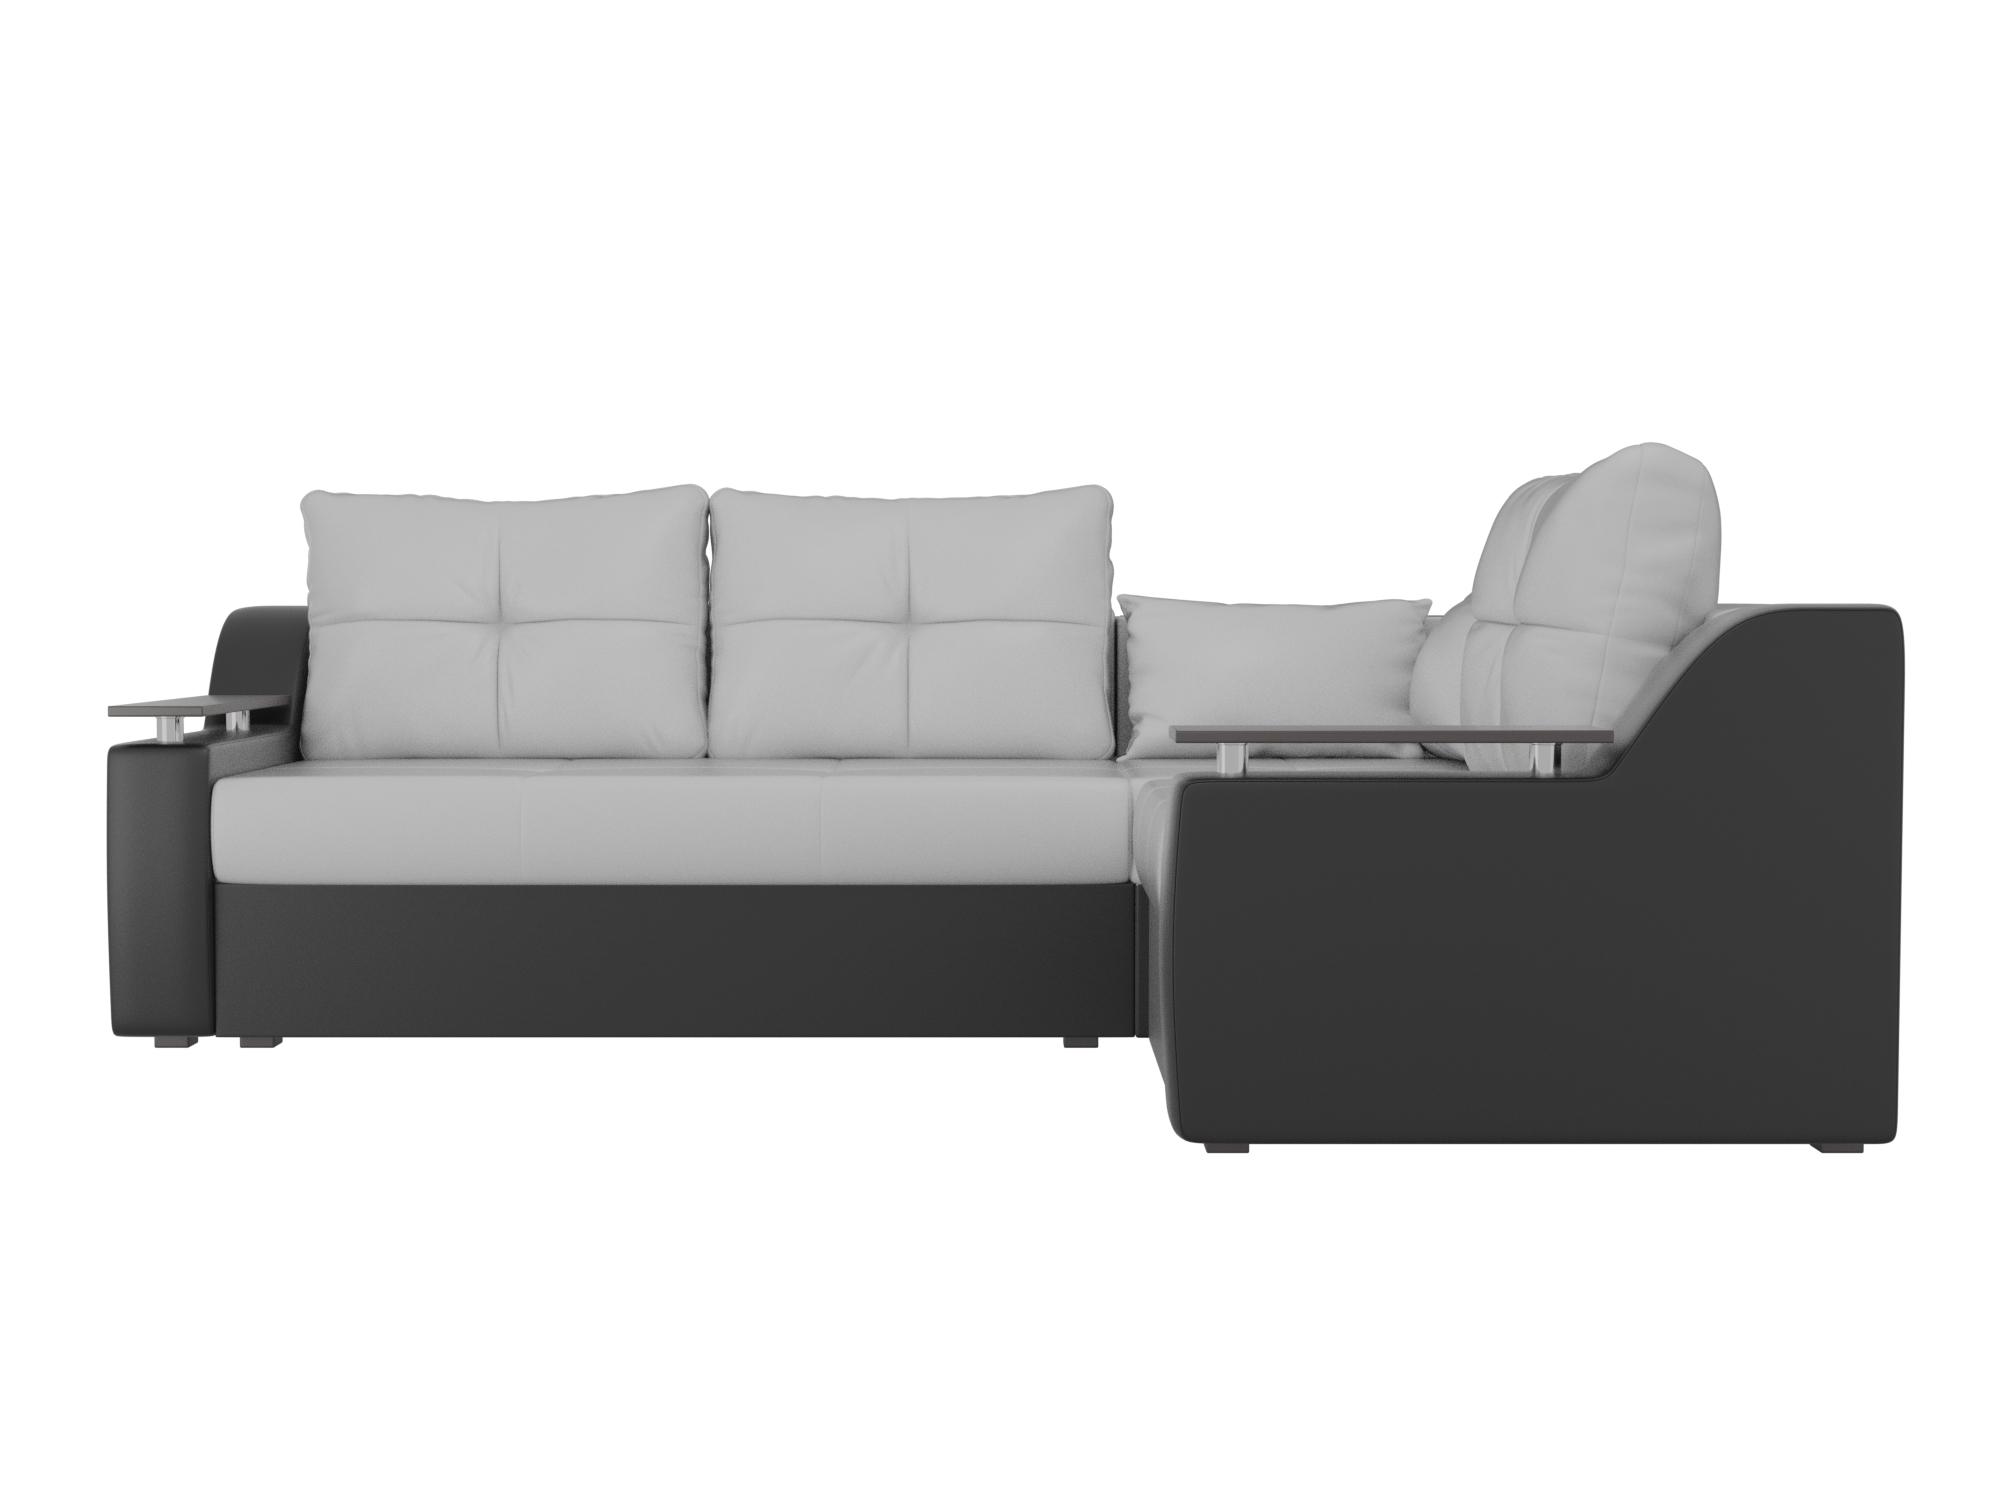 Угловой диван Кронос Правый MebelVia Белый, Черный, Экокожа, ЛДСП Белый, Черный